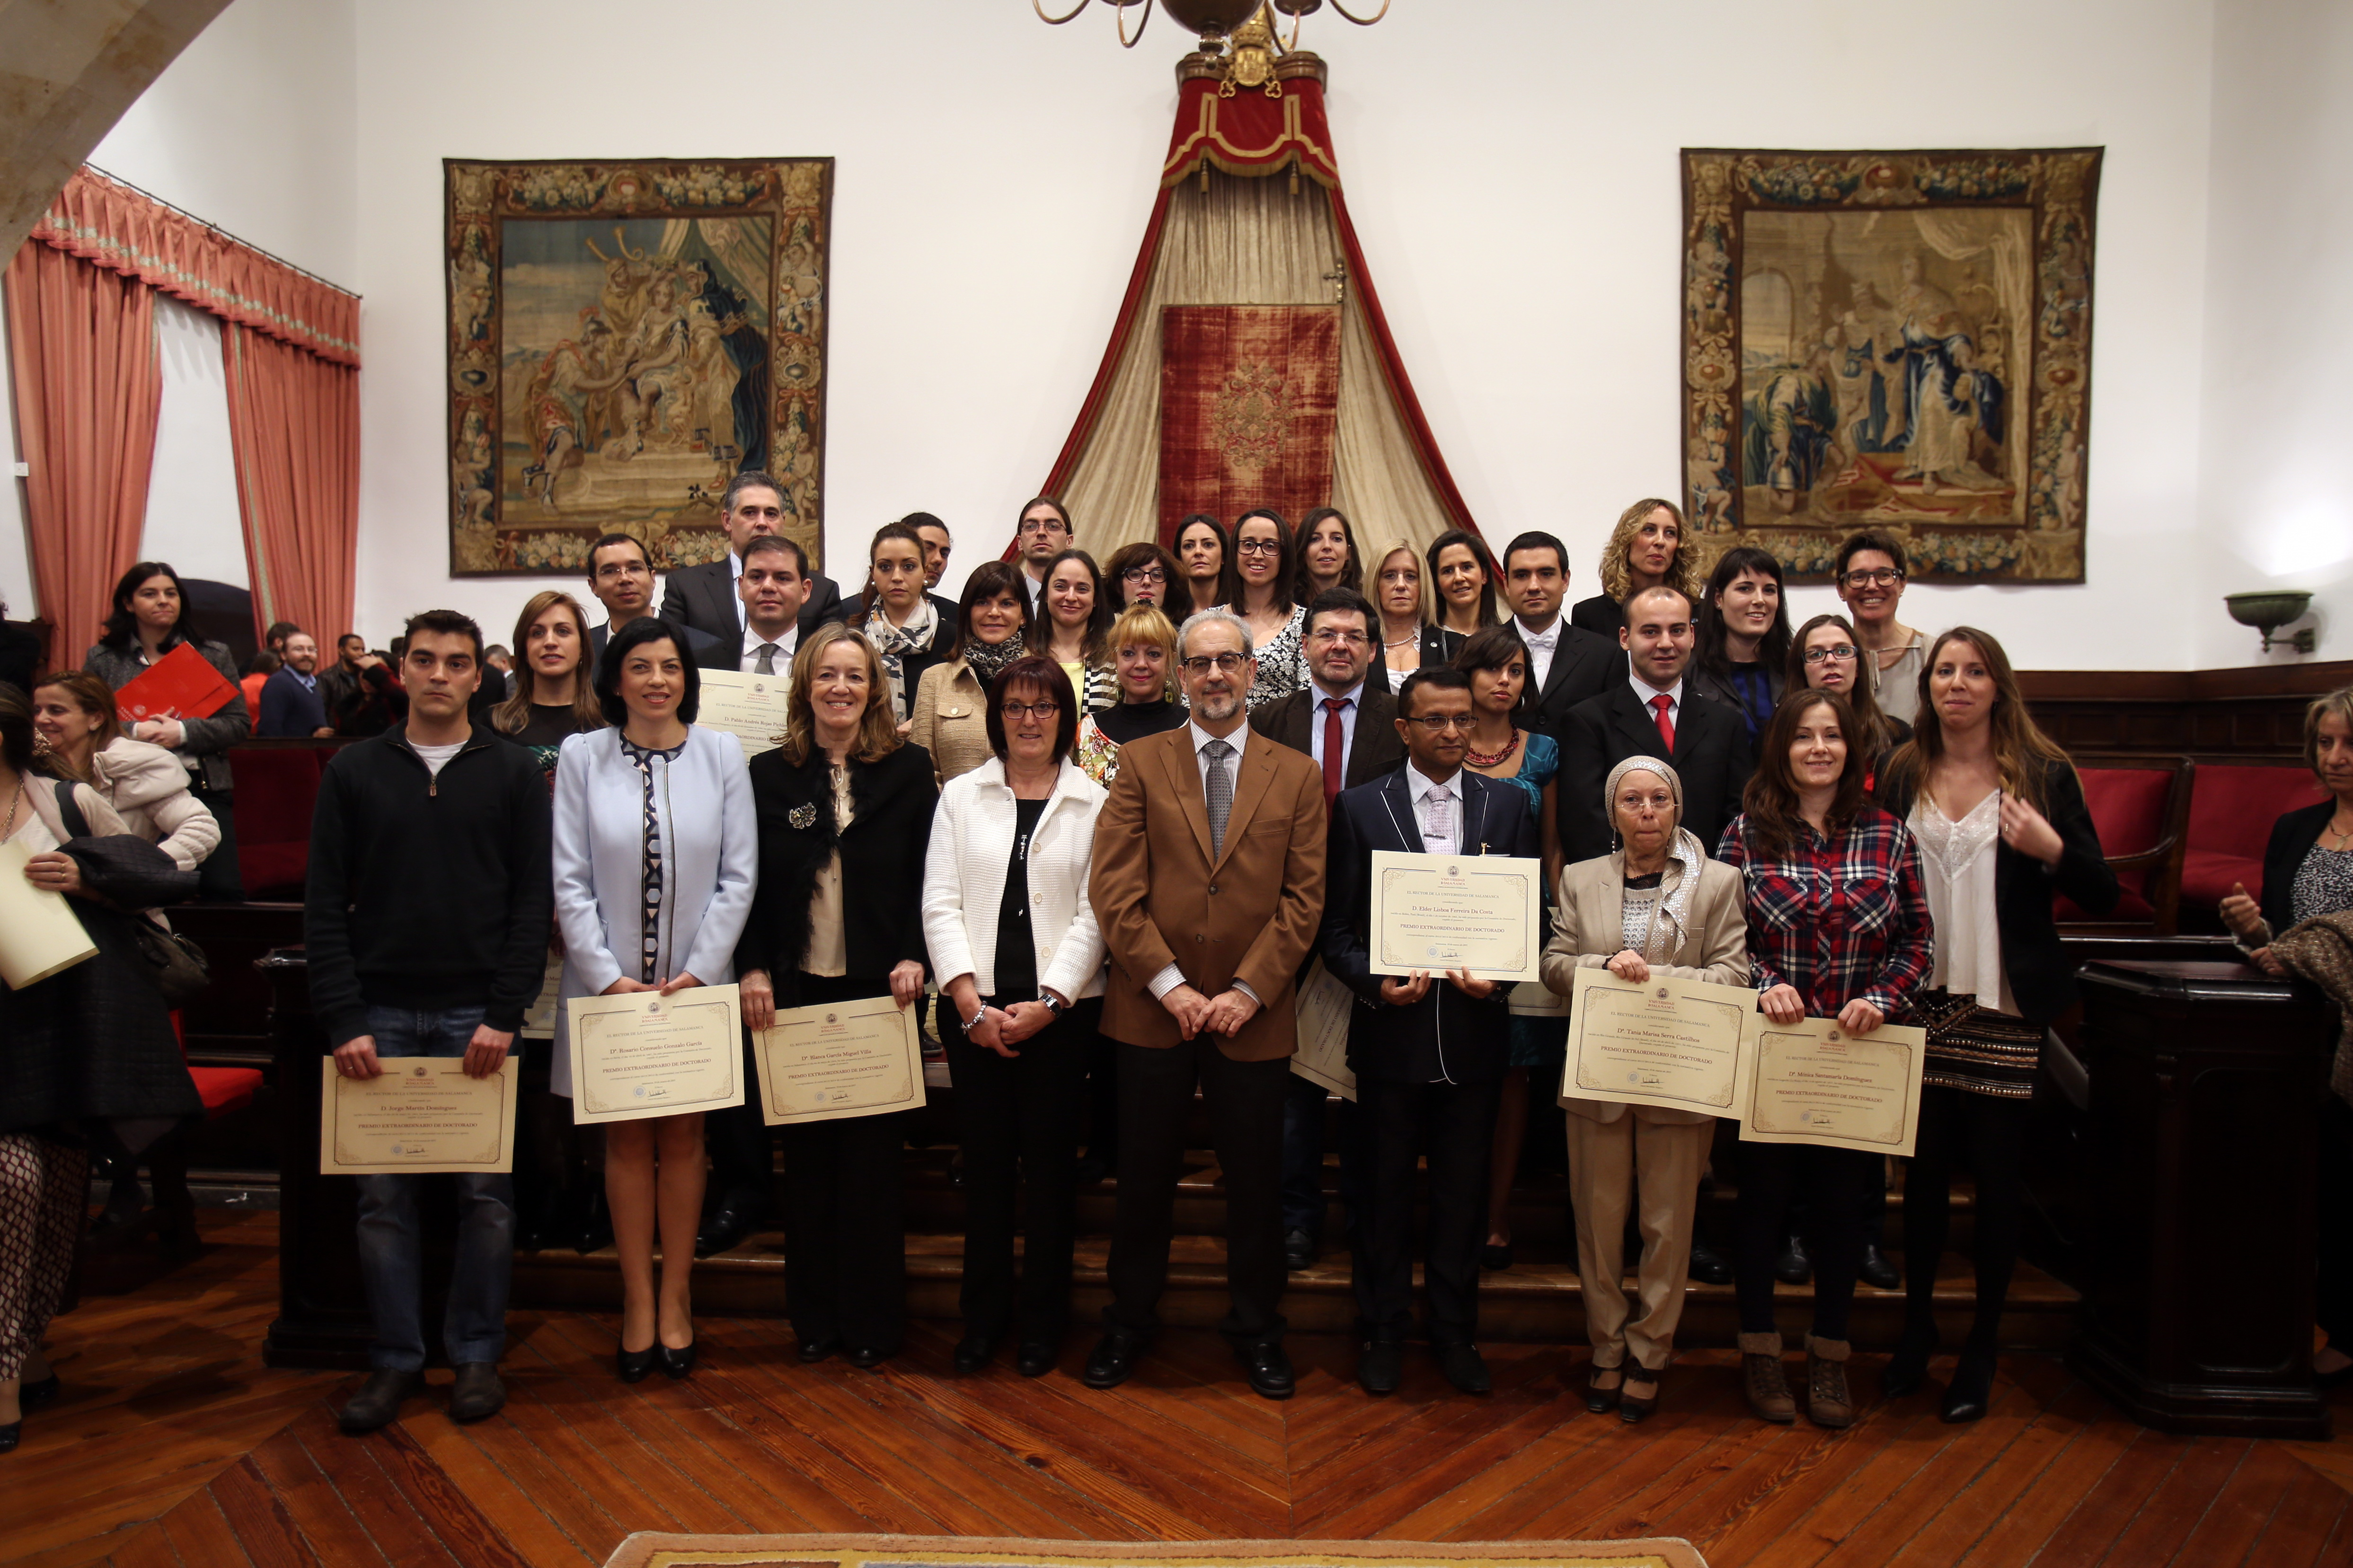 Presentación en el Instituto de Neurociencias del Servicio de Bioinformática de Nucleus, plataforma de apoyo a la investigación de la Universidad de Salamanca